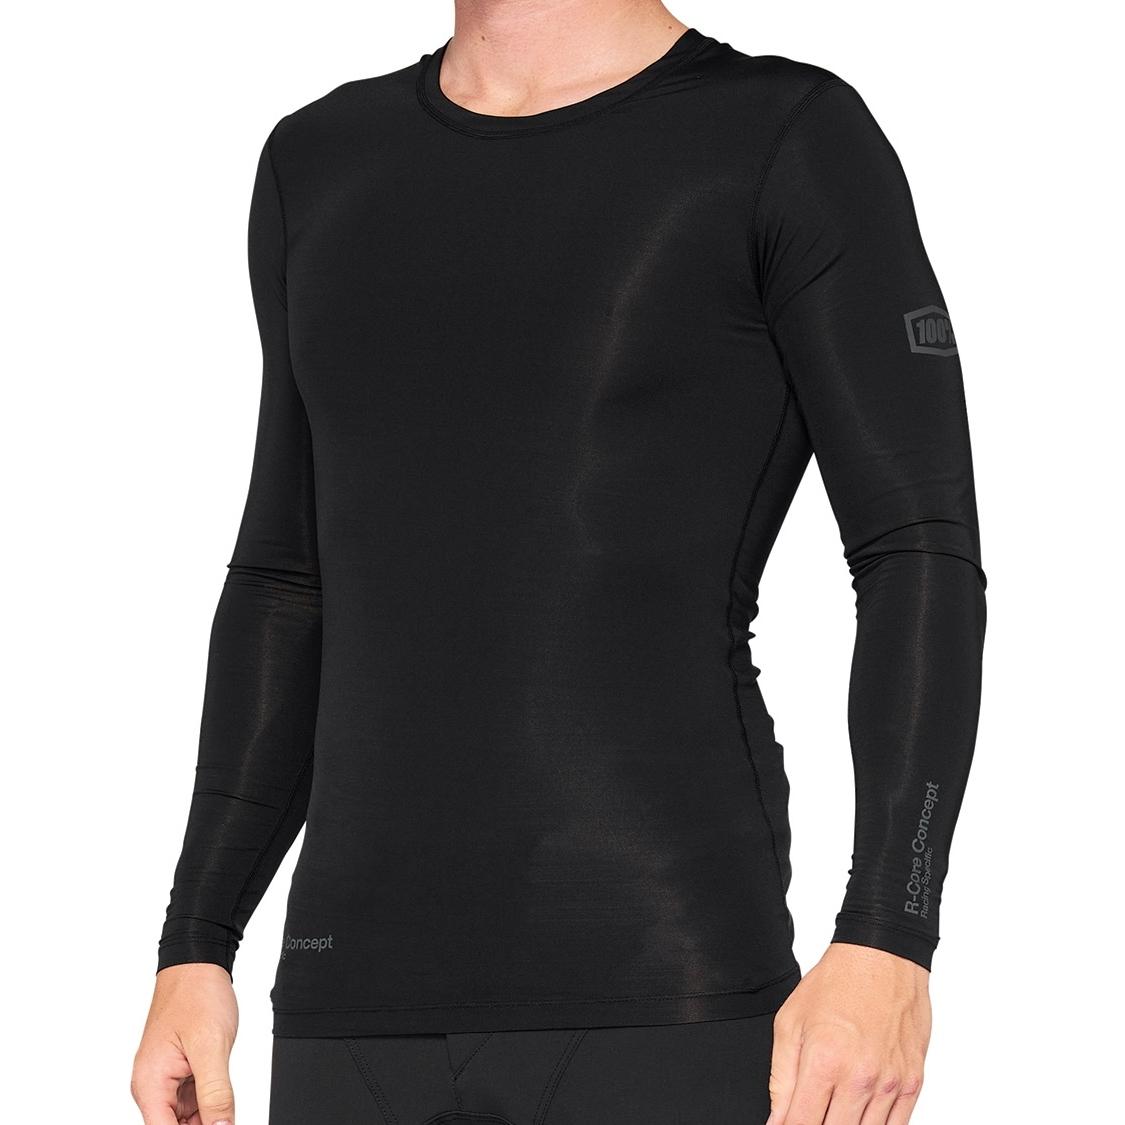 Imagen de 100% R-Core Concept Camiseta de compresión de manga larga - negro